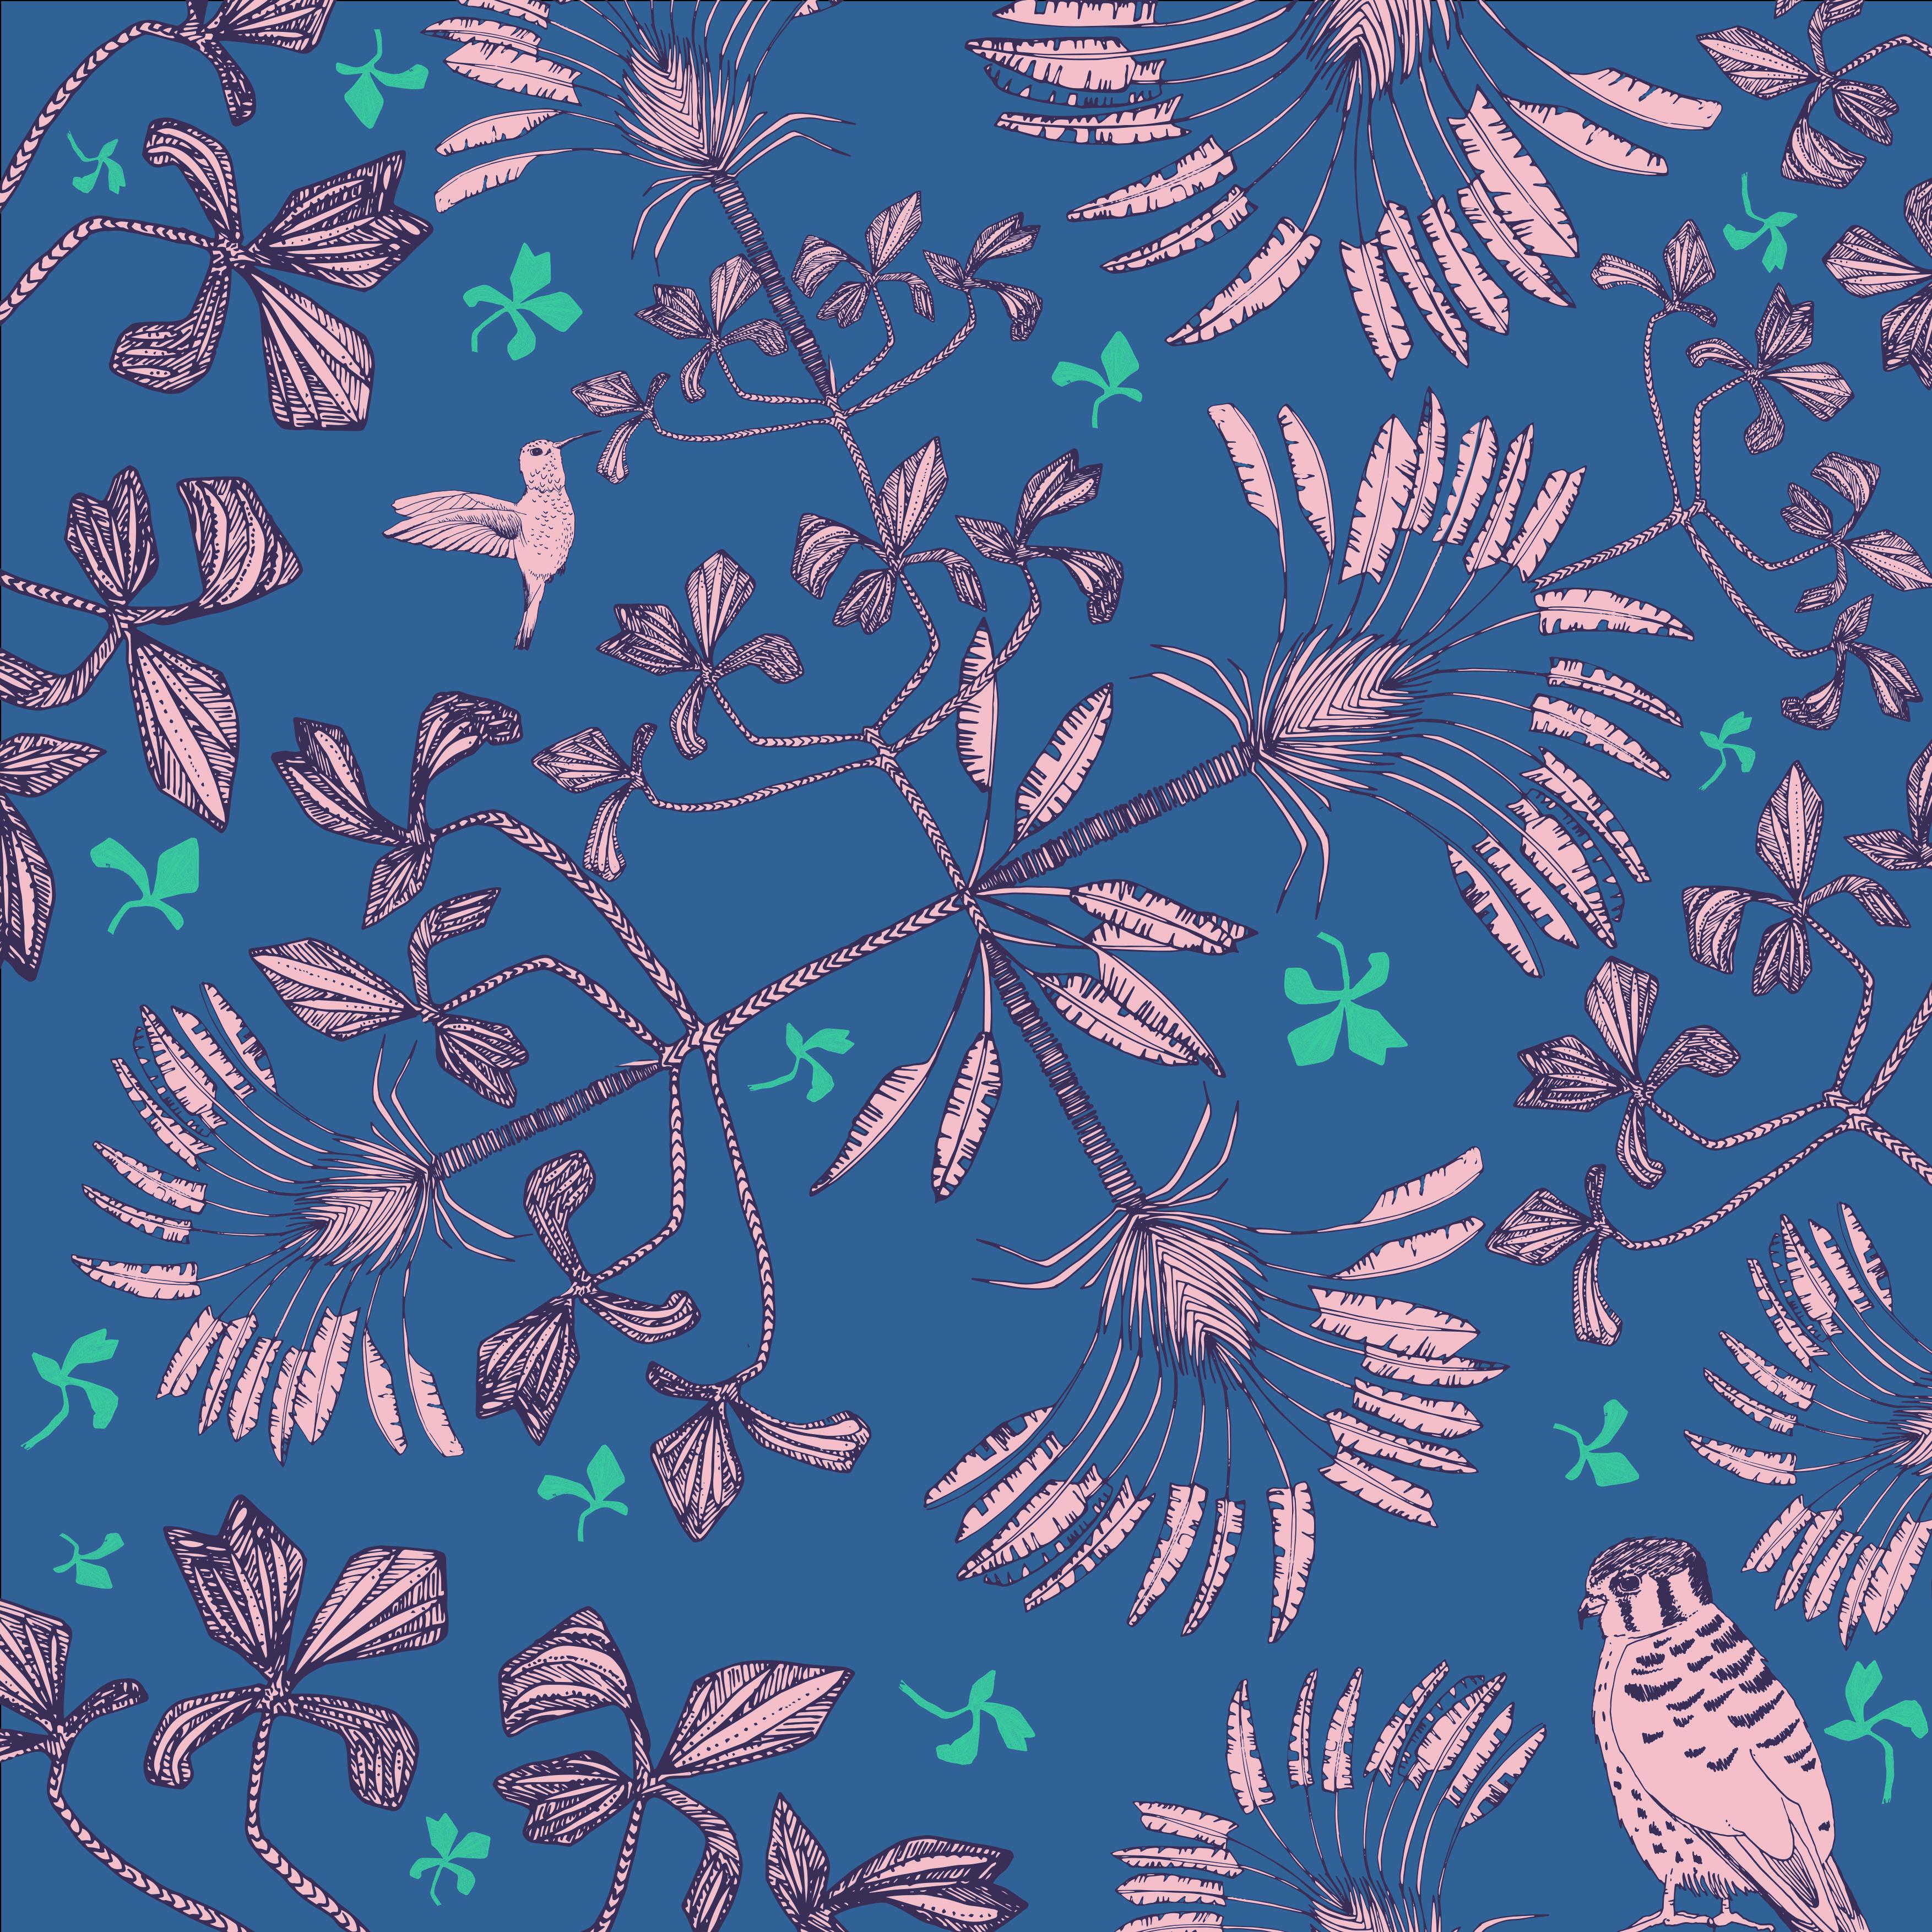 tree and bird concept V7 (pink fill aqua shapes)